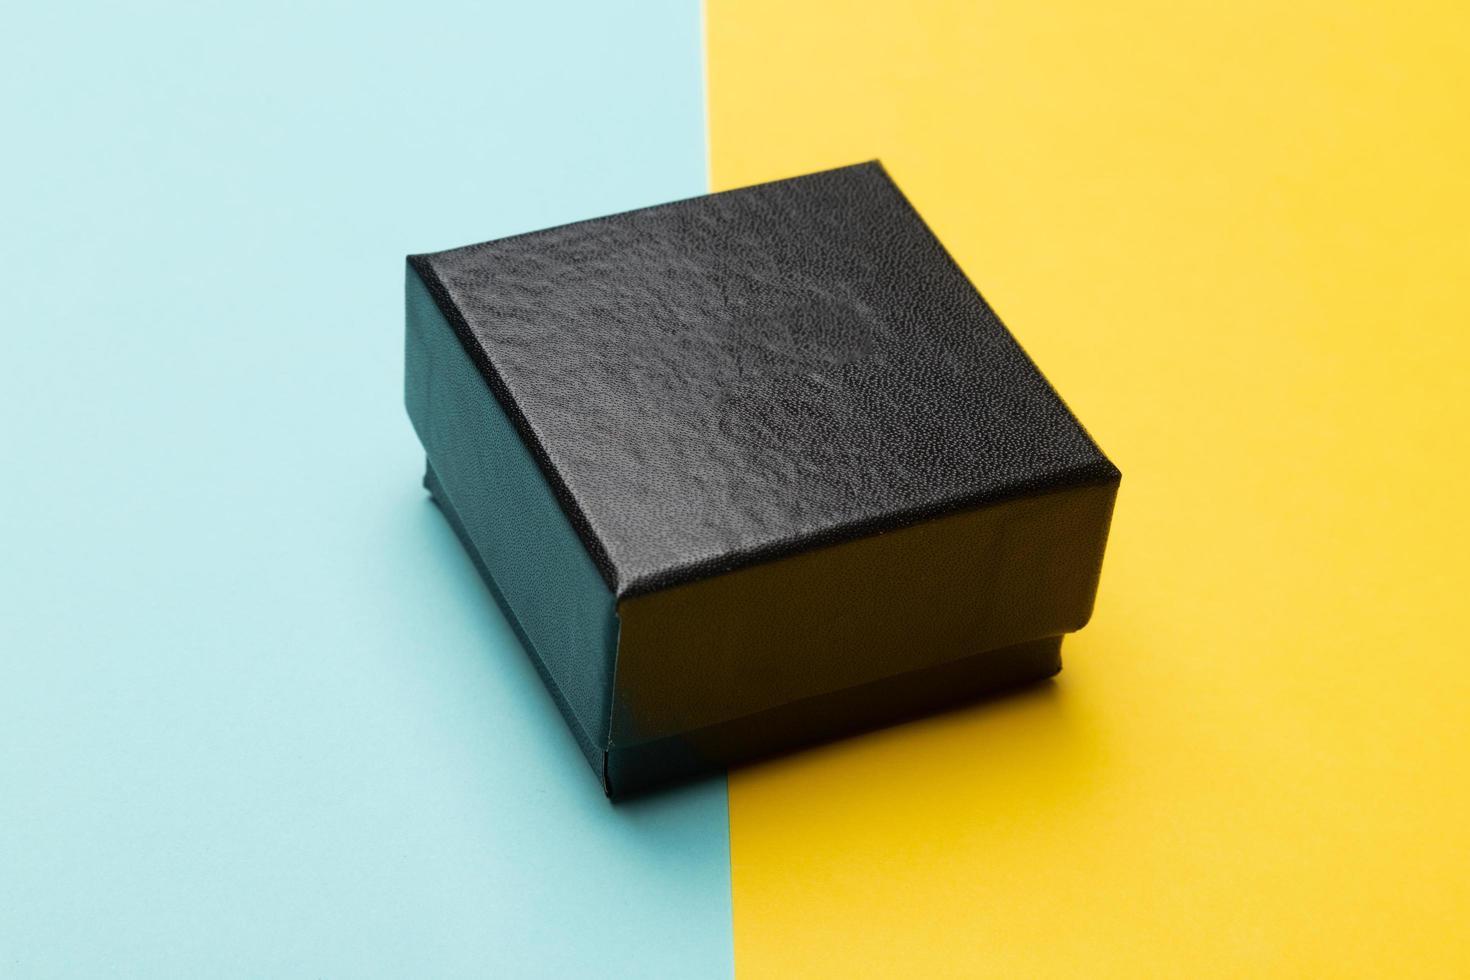 mini svart låda isolerad på halv gul halvblå bakgrund foto